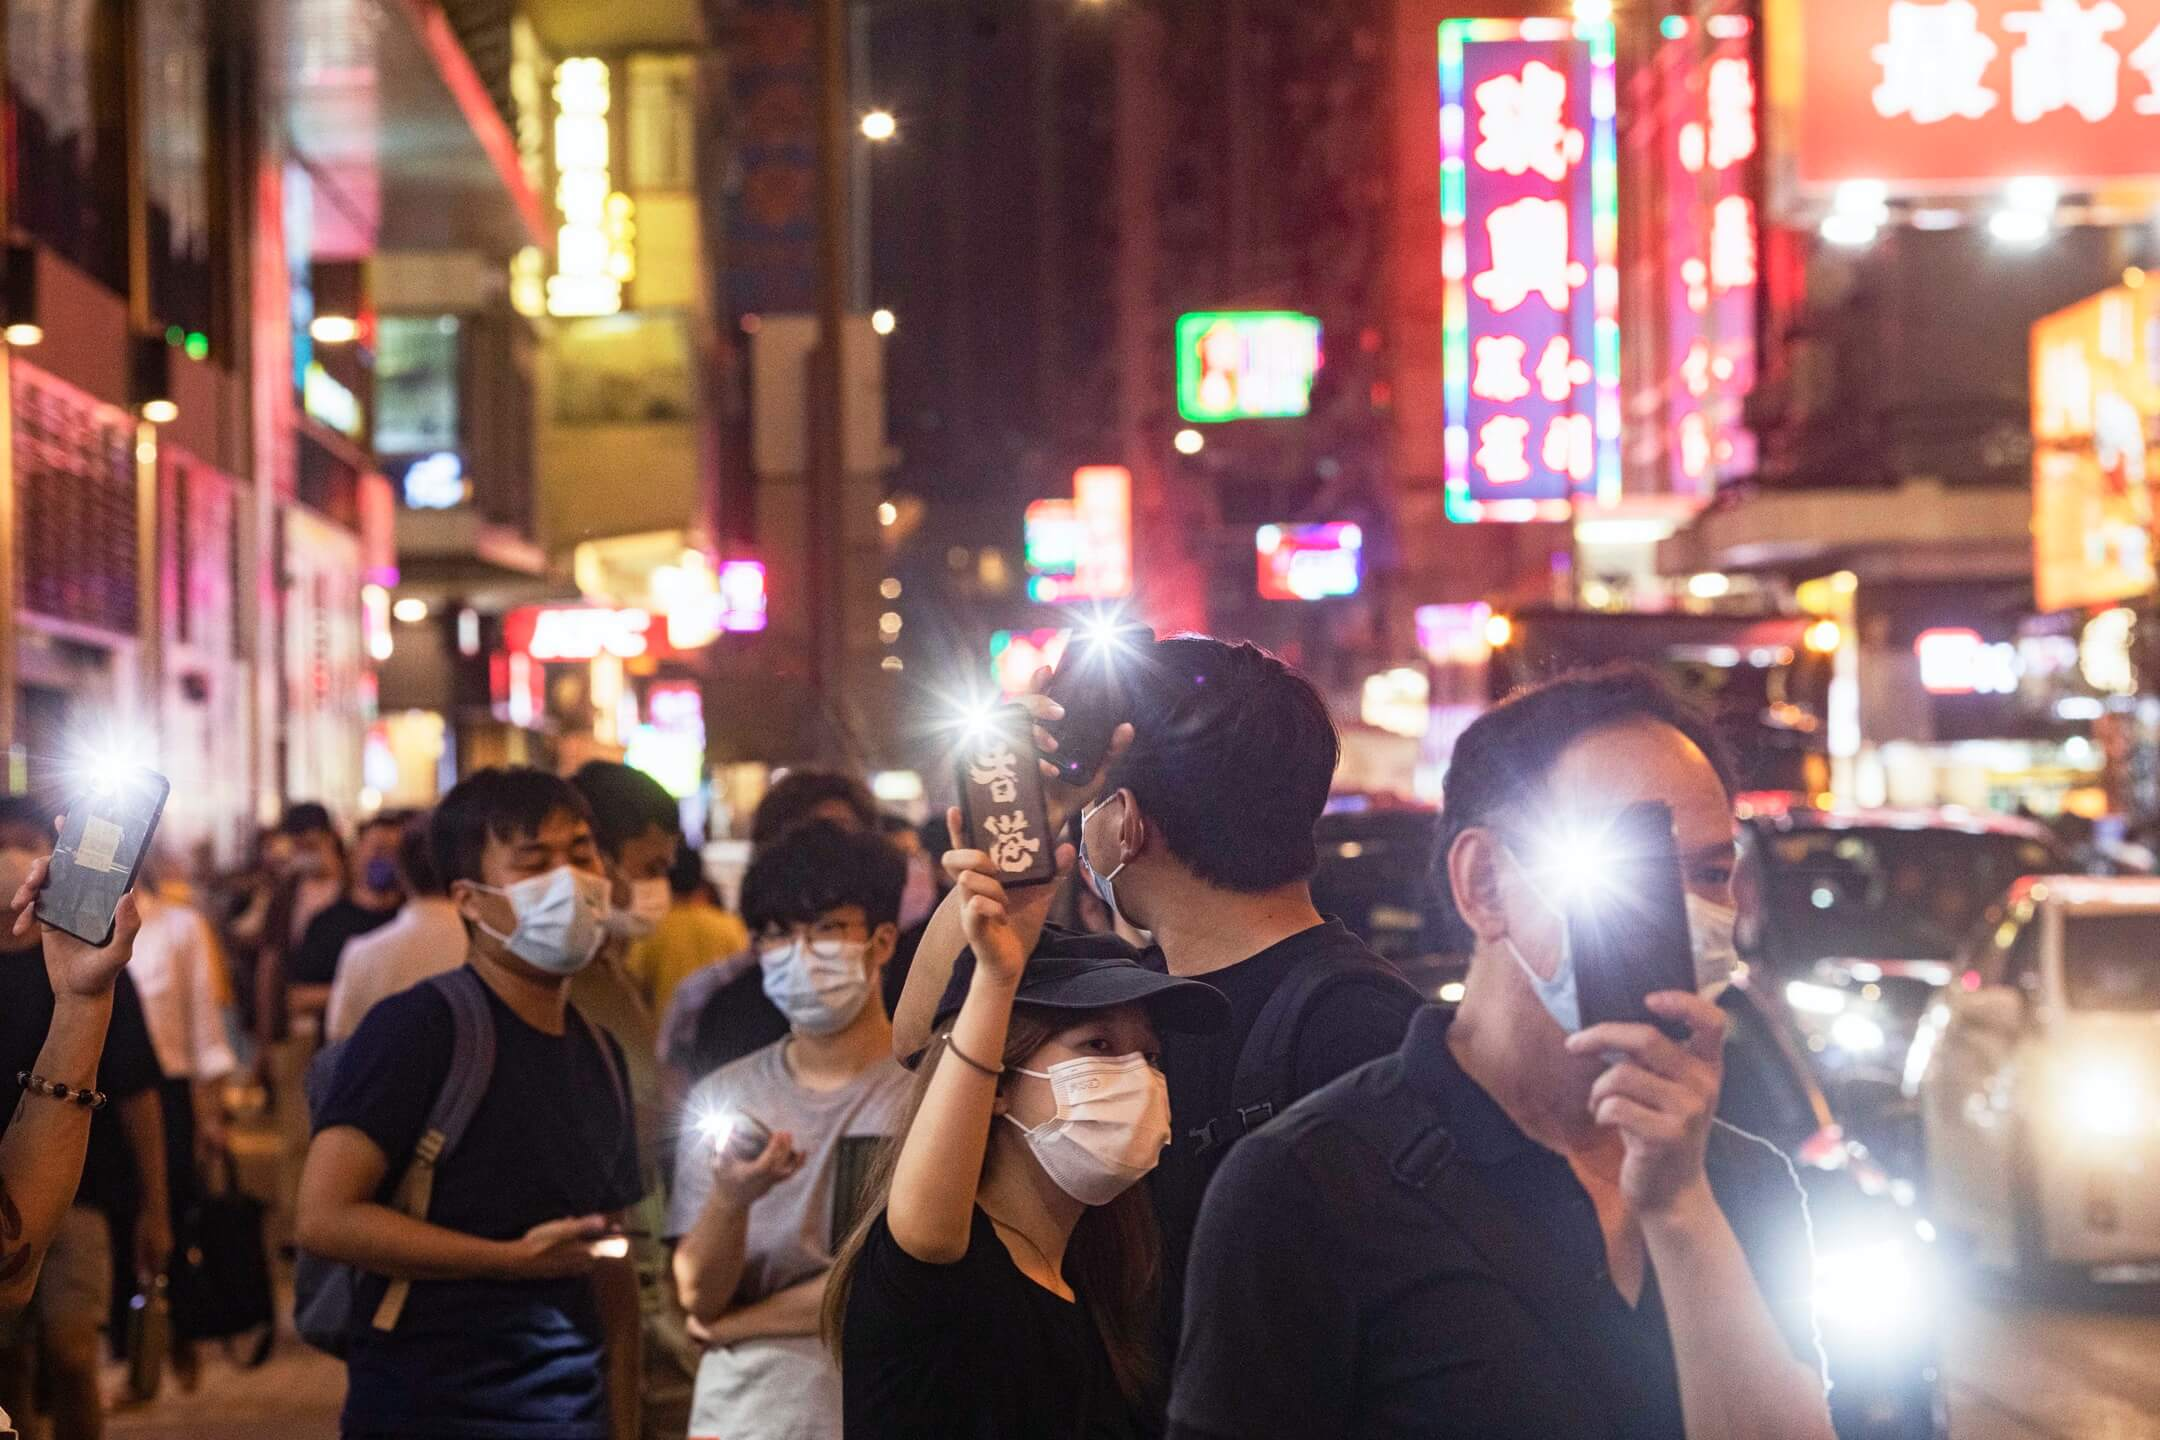 2021年6月4日,市民在旺角街頭舉起手機燈,悼念六四事件。